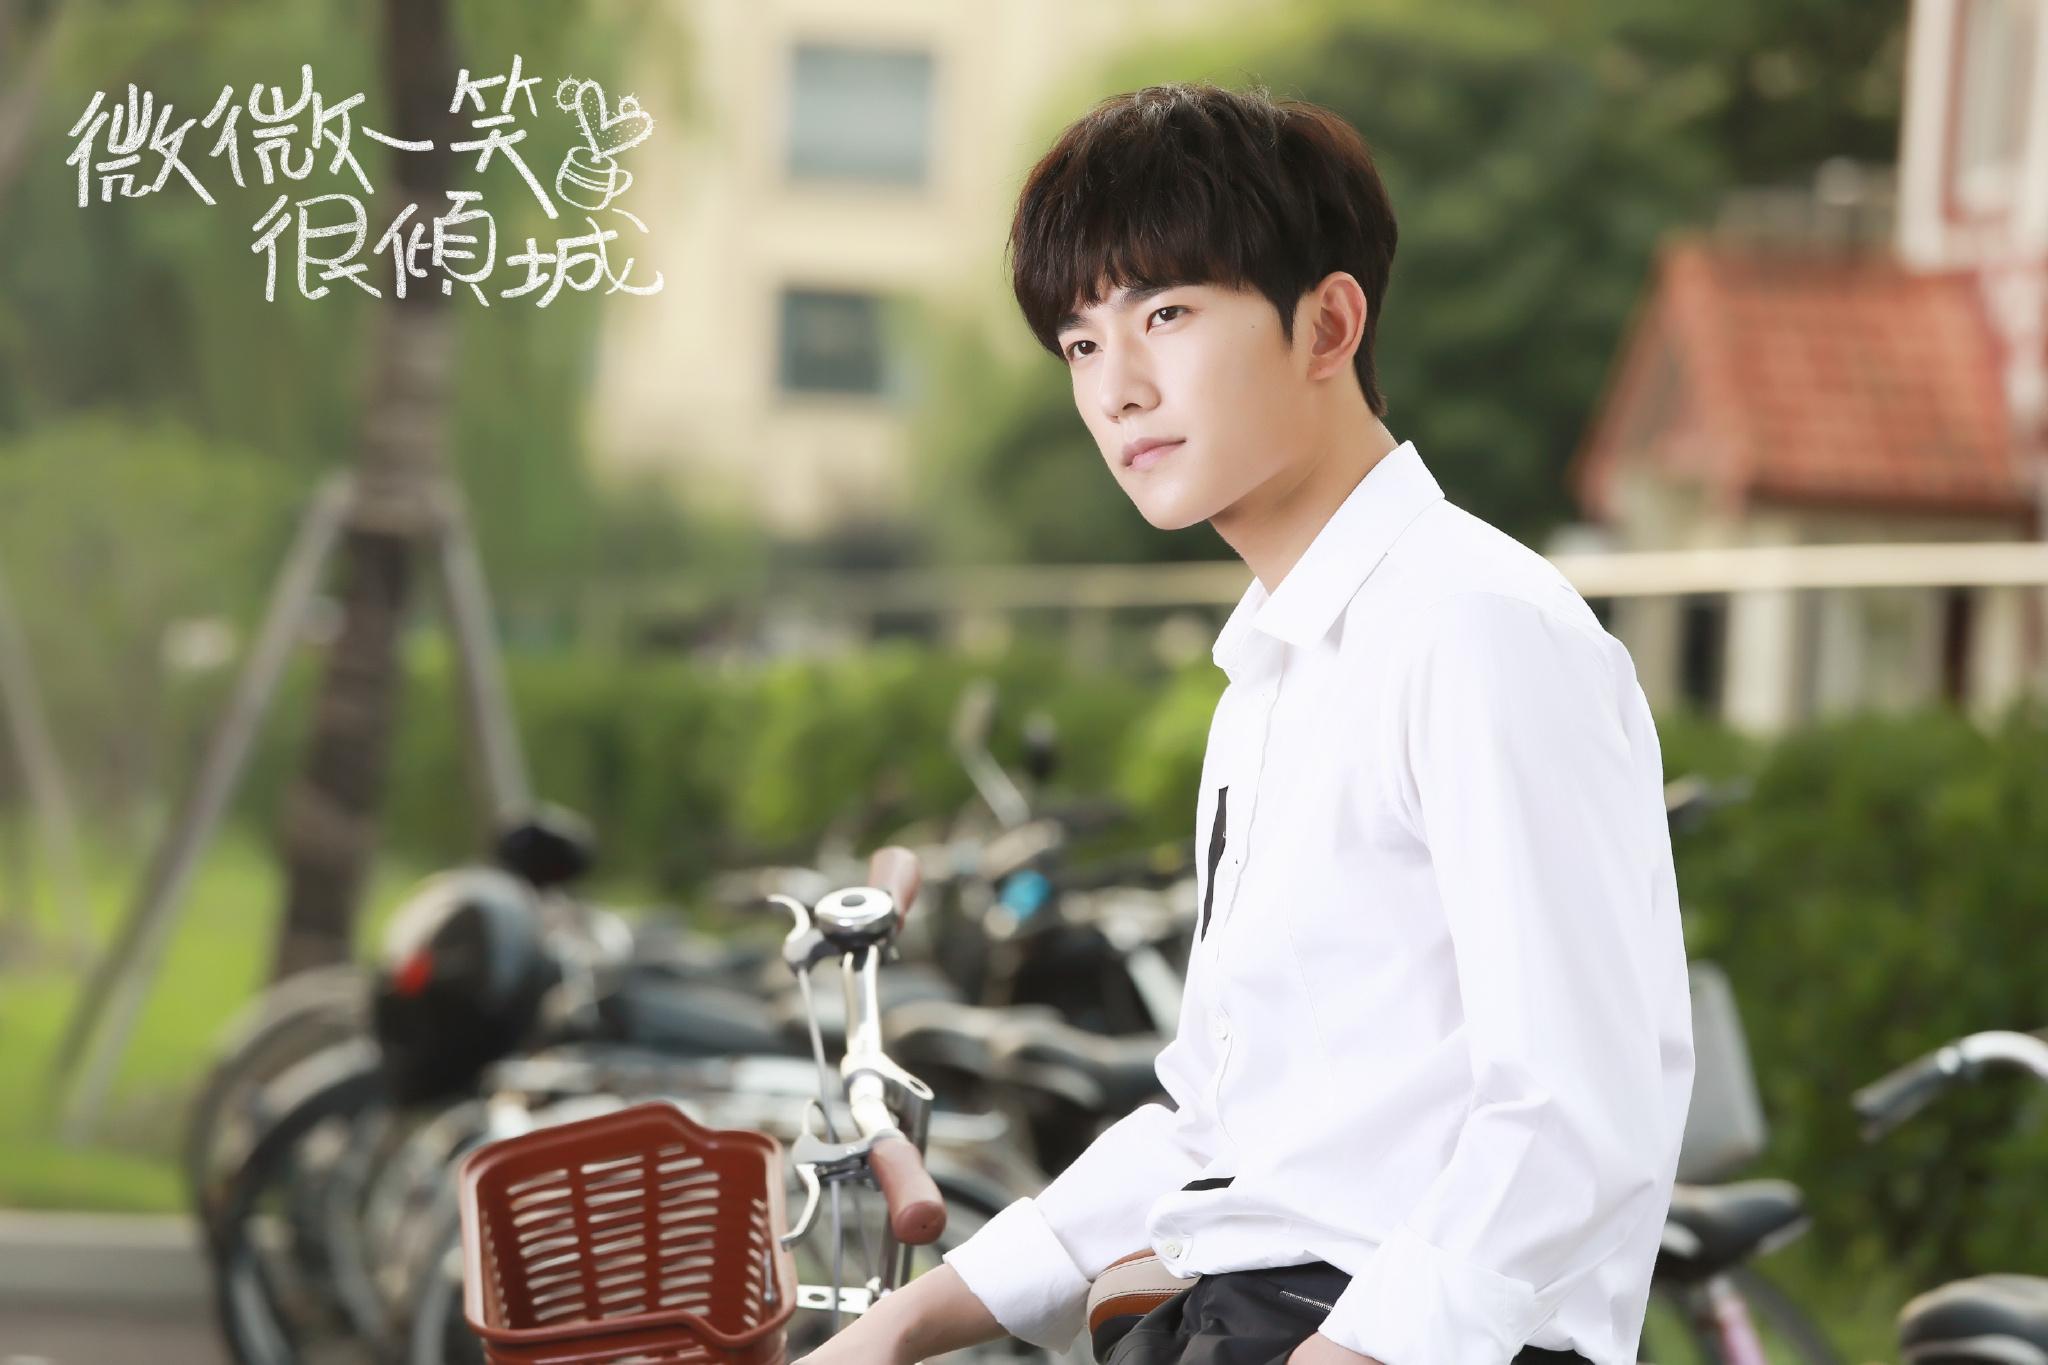 微微一笑很倾城小说结局是电视剧有第二部台湾偶像剧所有英文歌图片